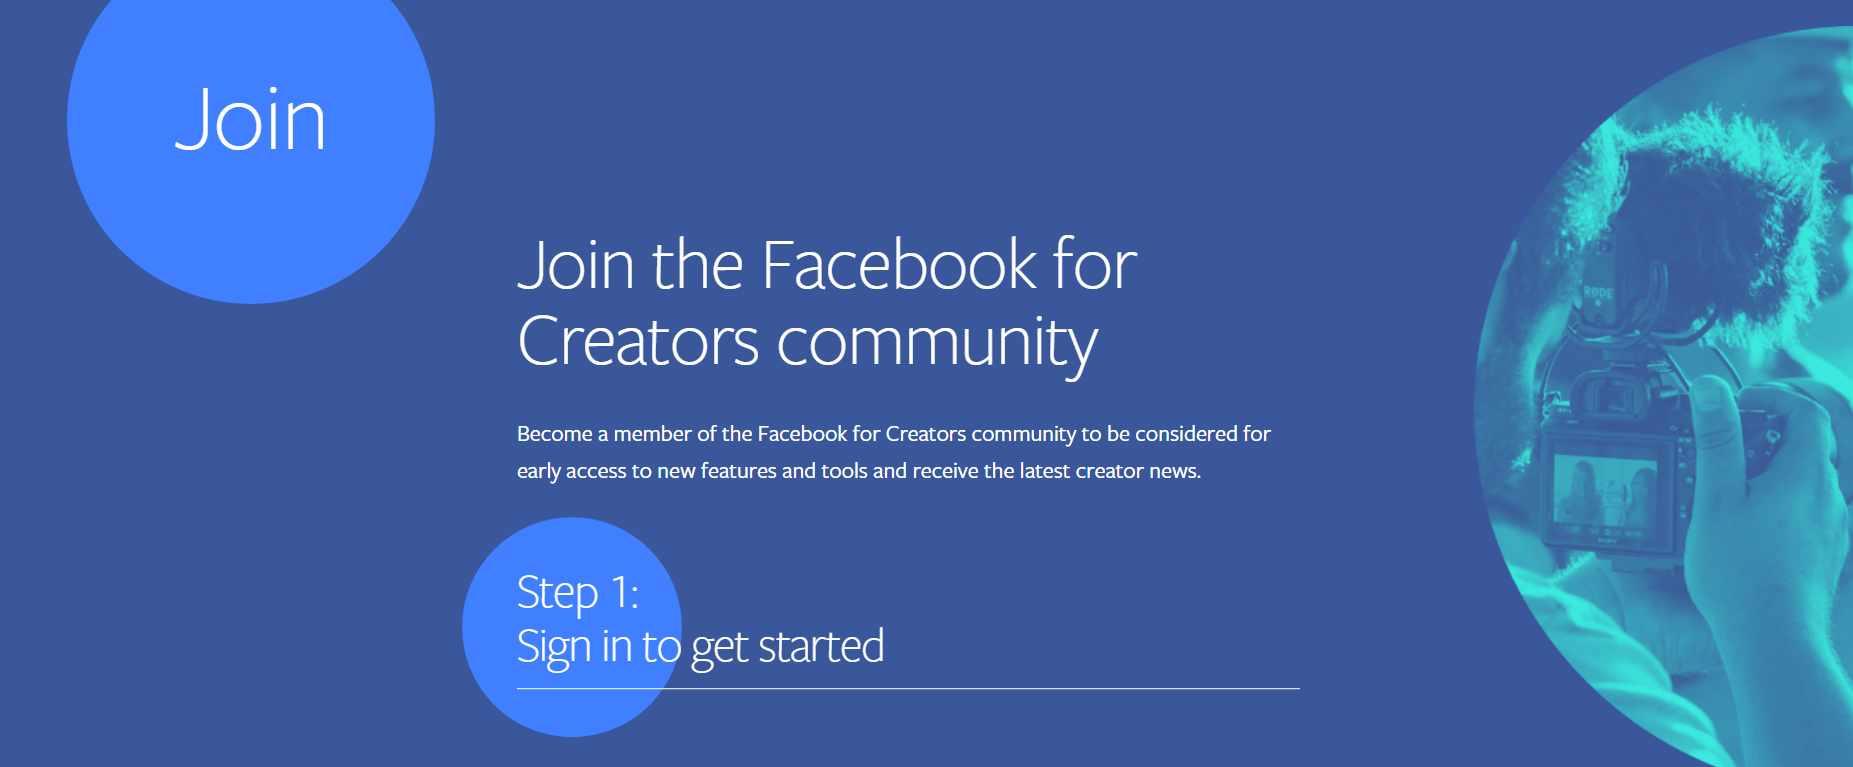 facebookforcreators